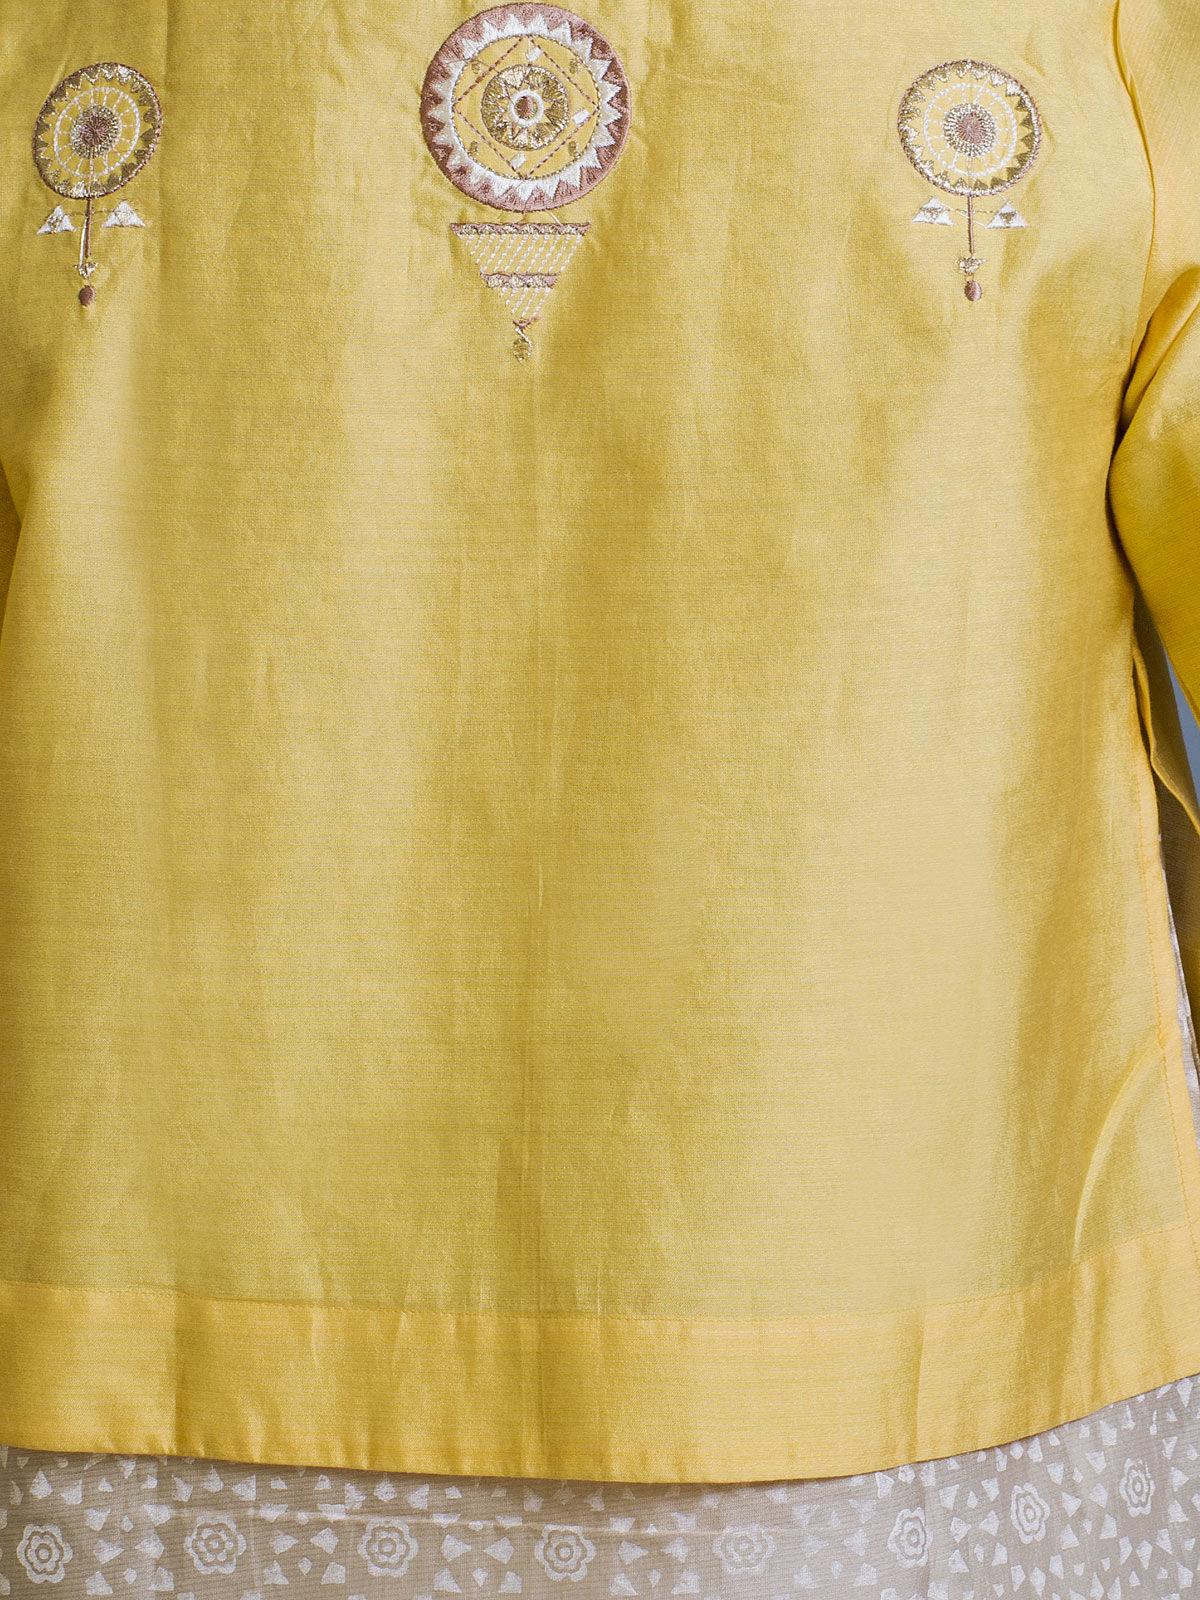 Yellow and White Layered Chanderi Ethnic Top